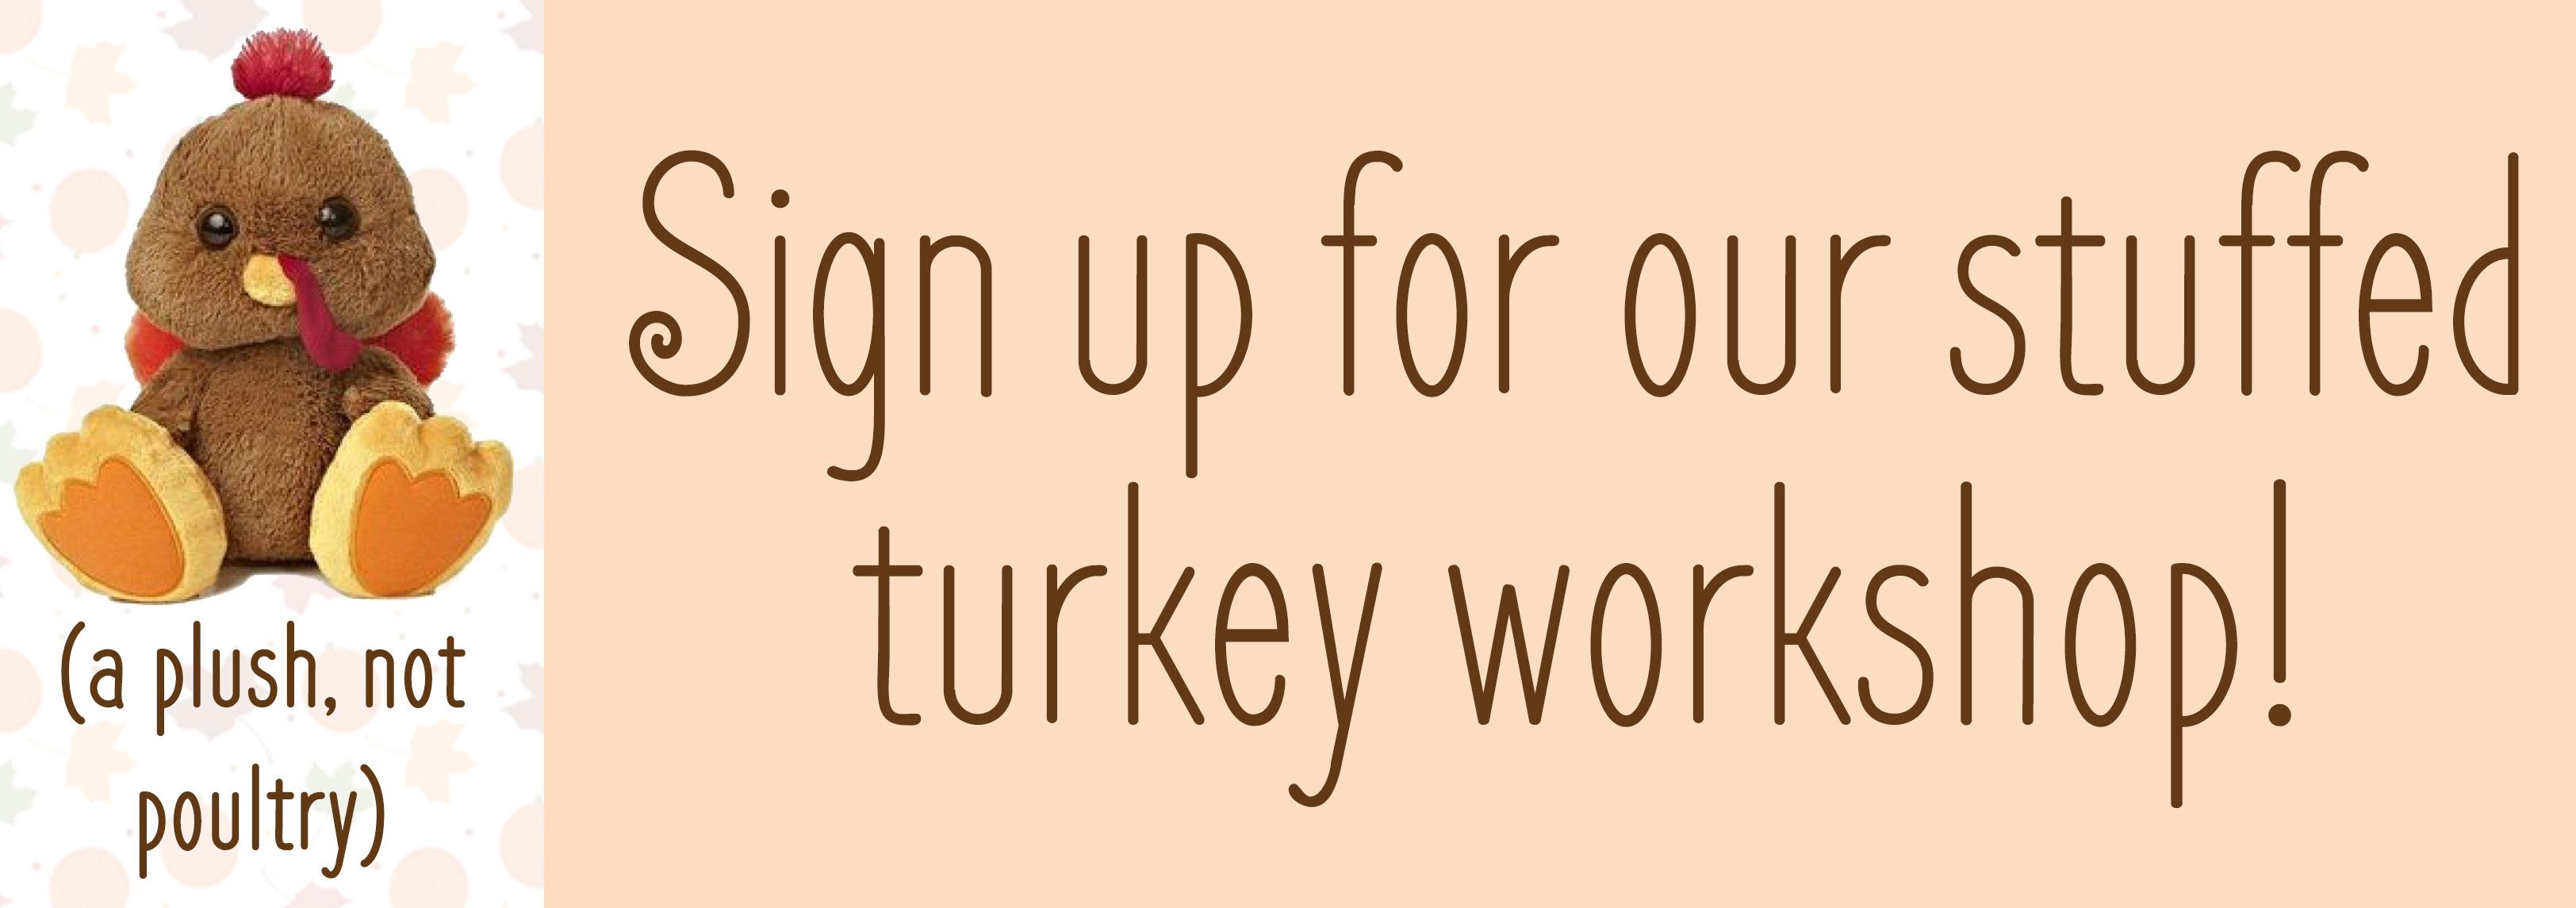 turkey workshop banner.jpg